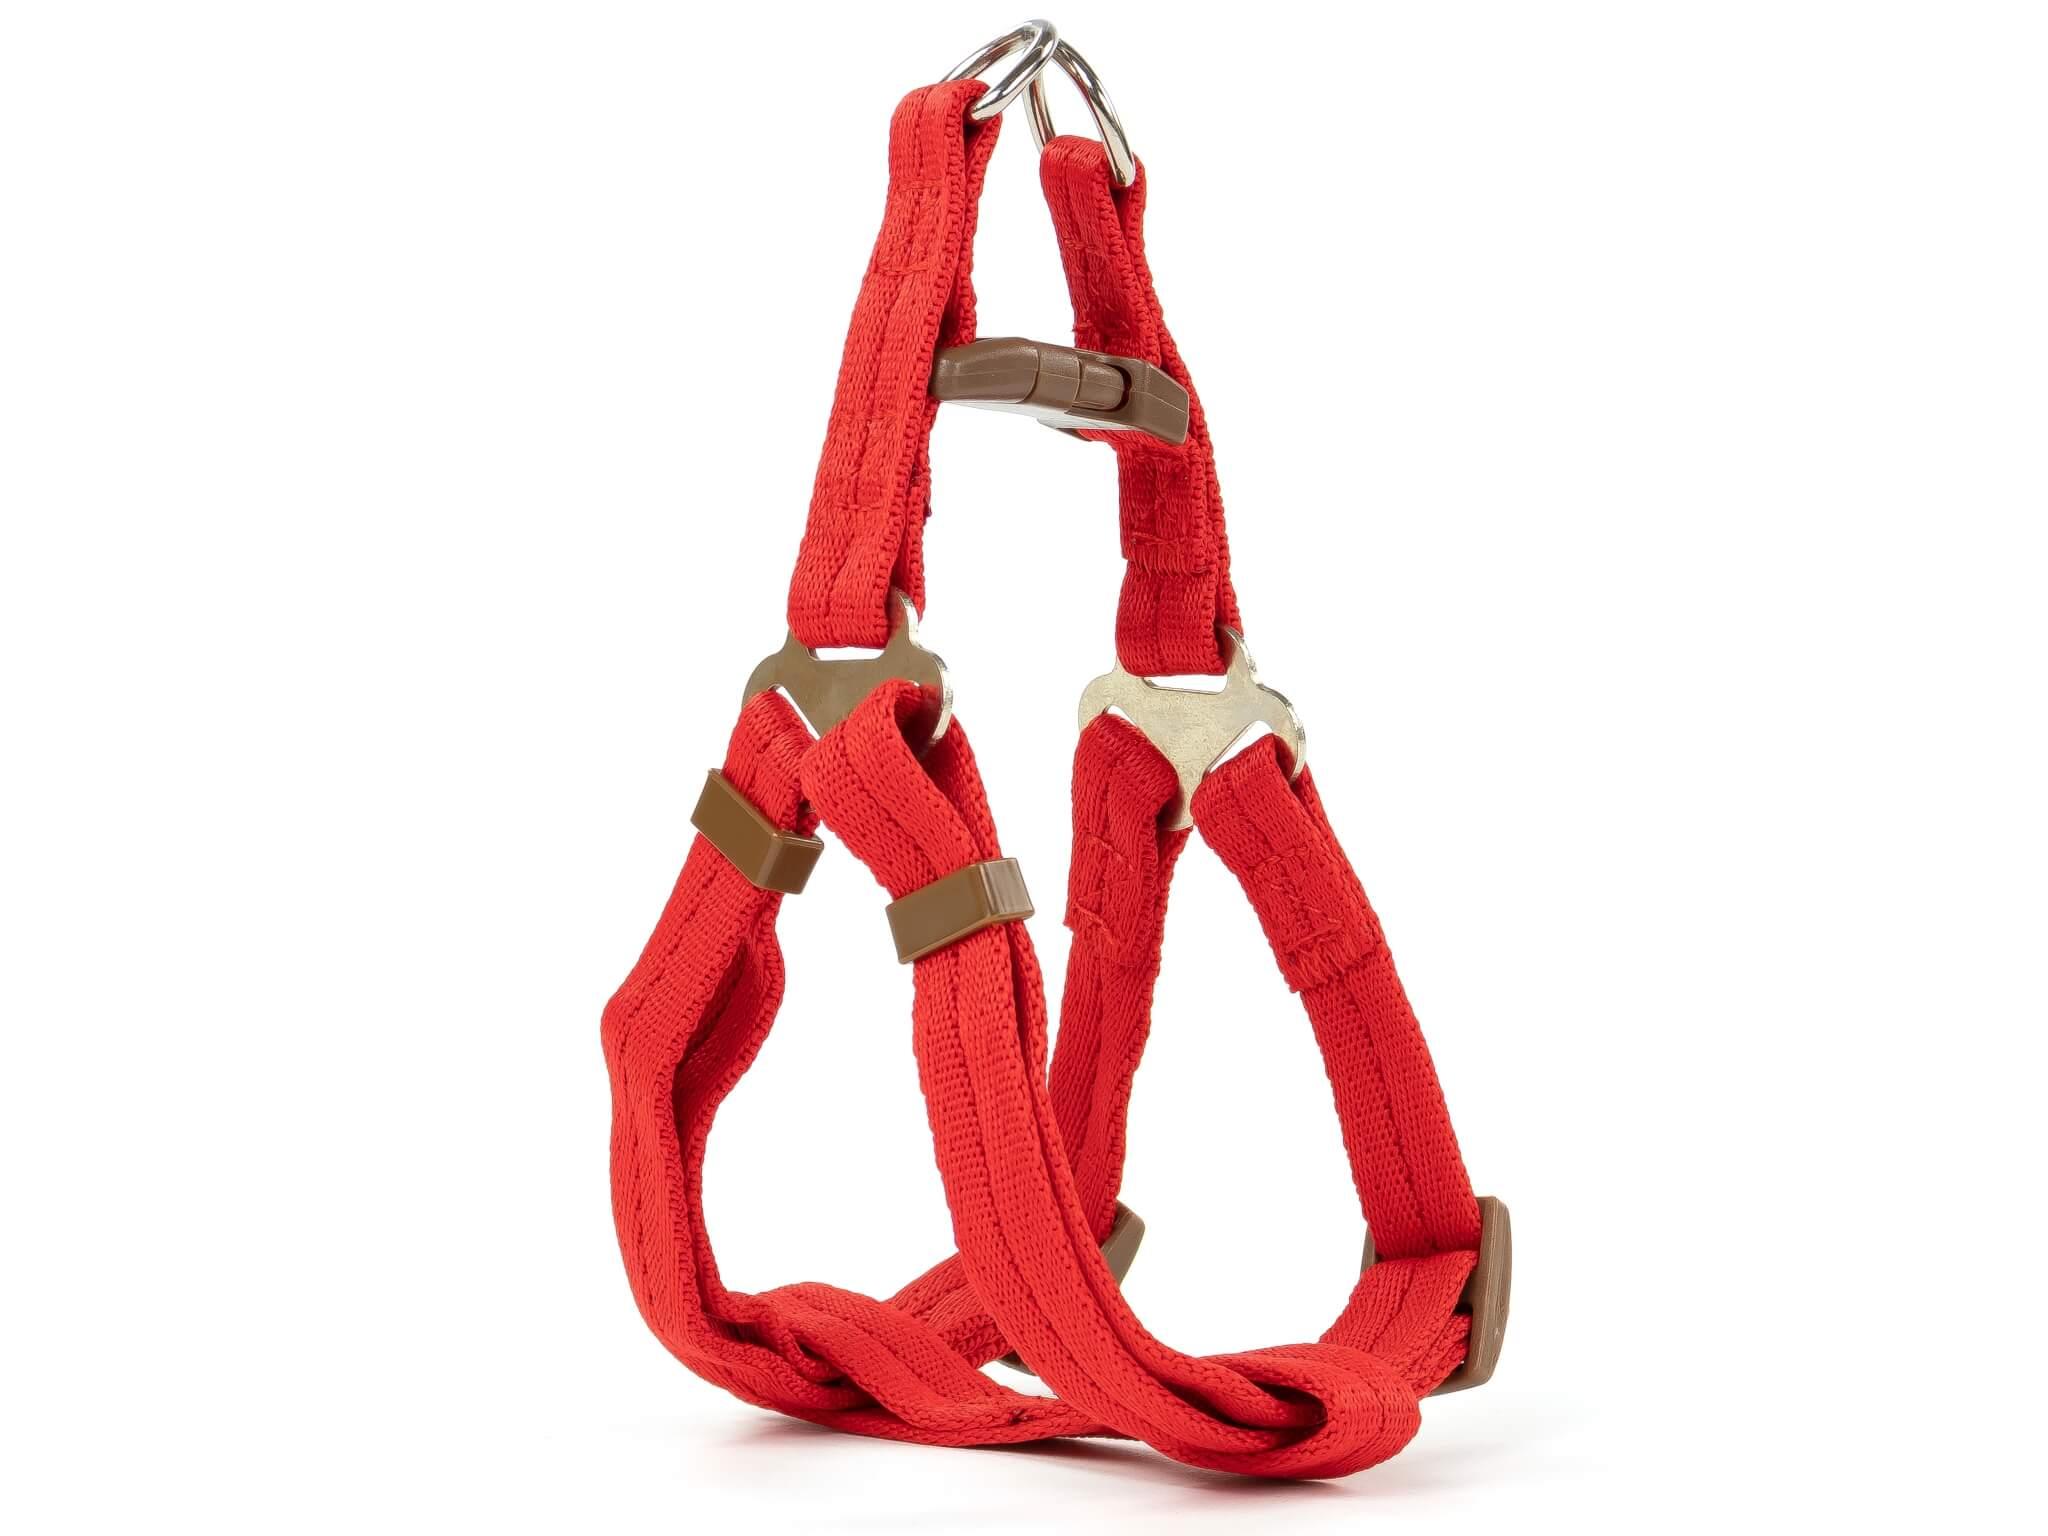 Hook kšíry pro psa s vodítkem | 28 – 60 cm Barva: Červená, Obvod hrudníku: 44 - 60 cm